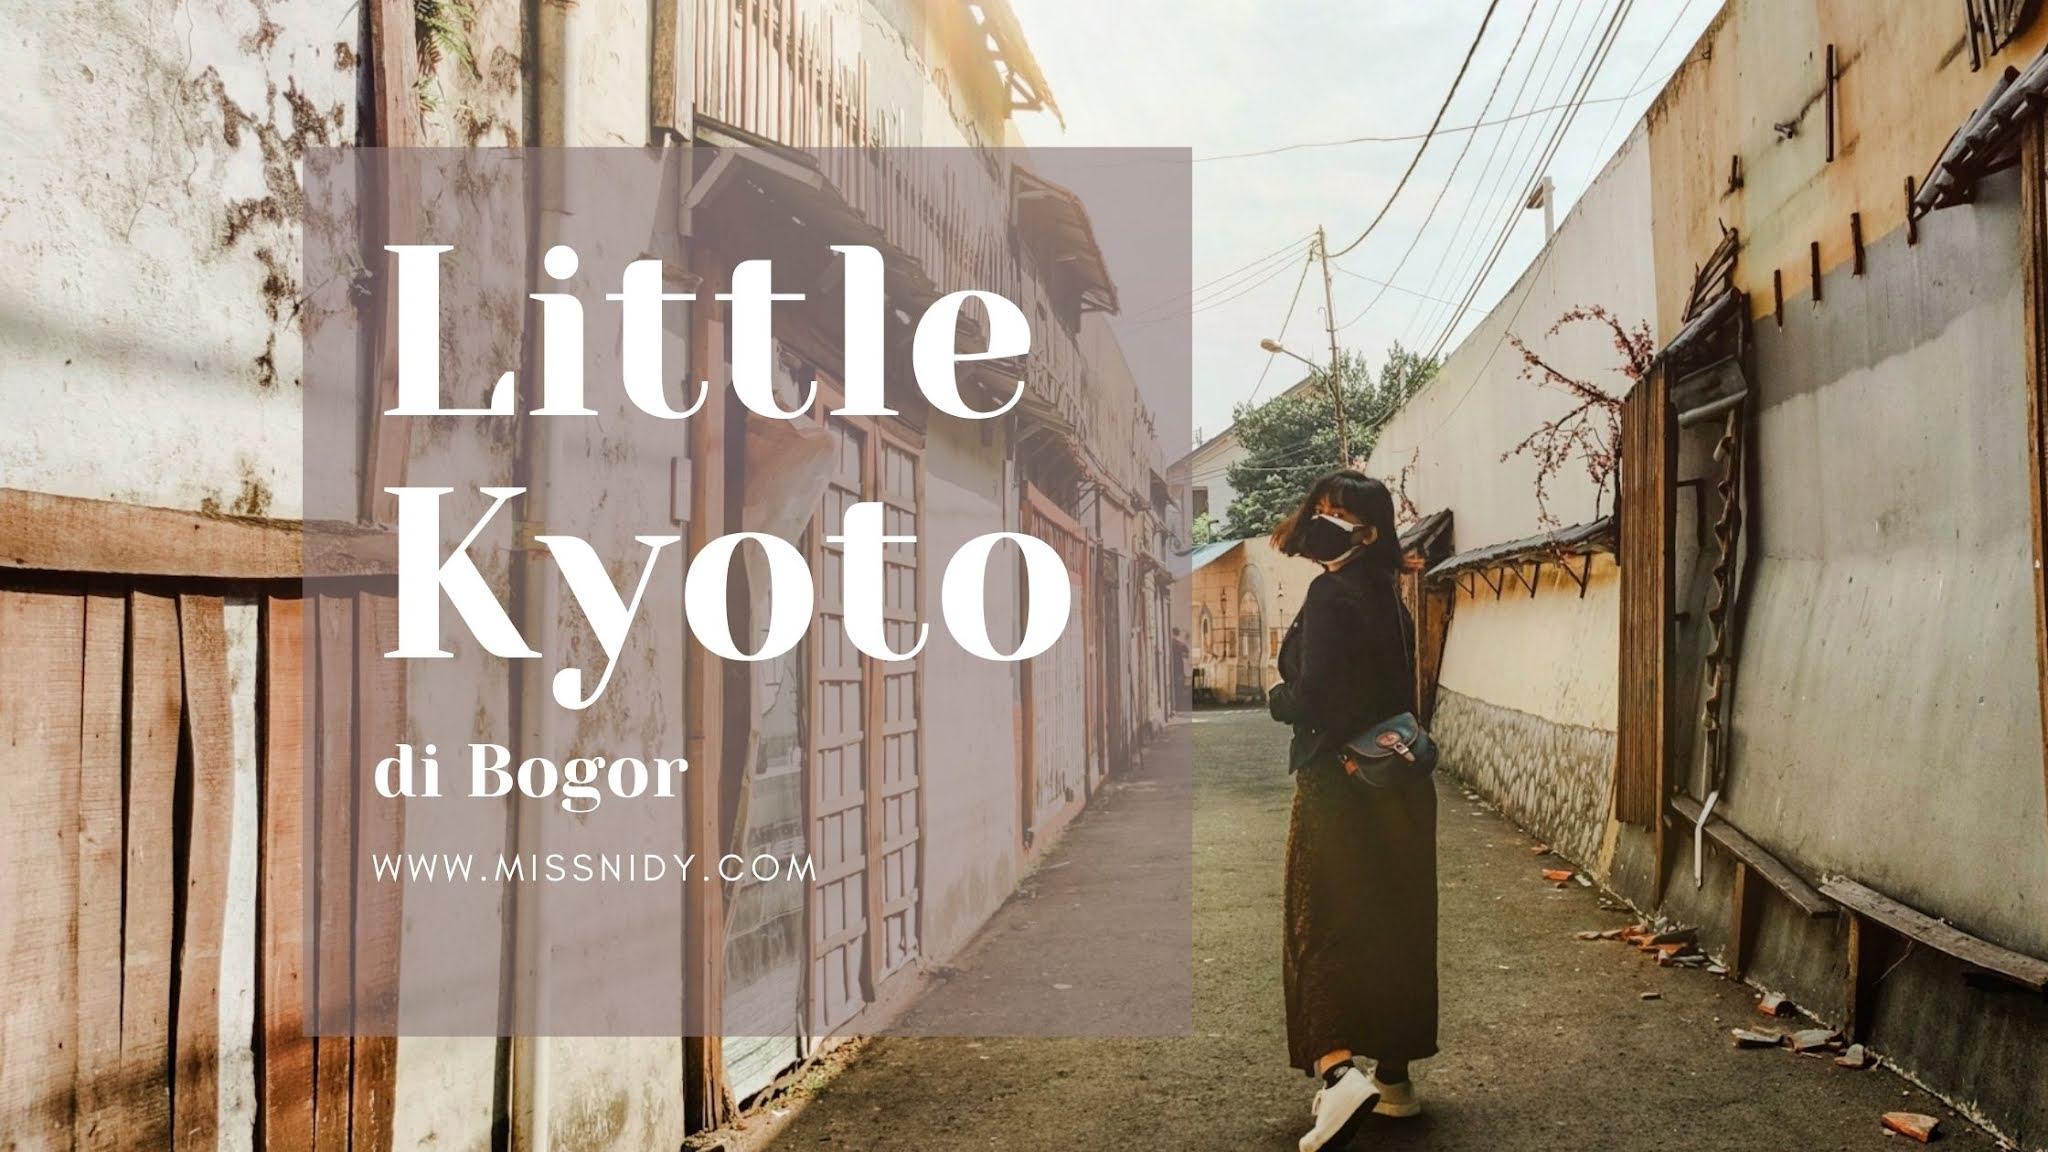 Little Kyoto di Bogor